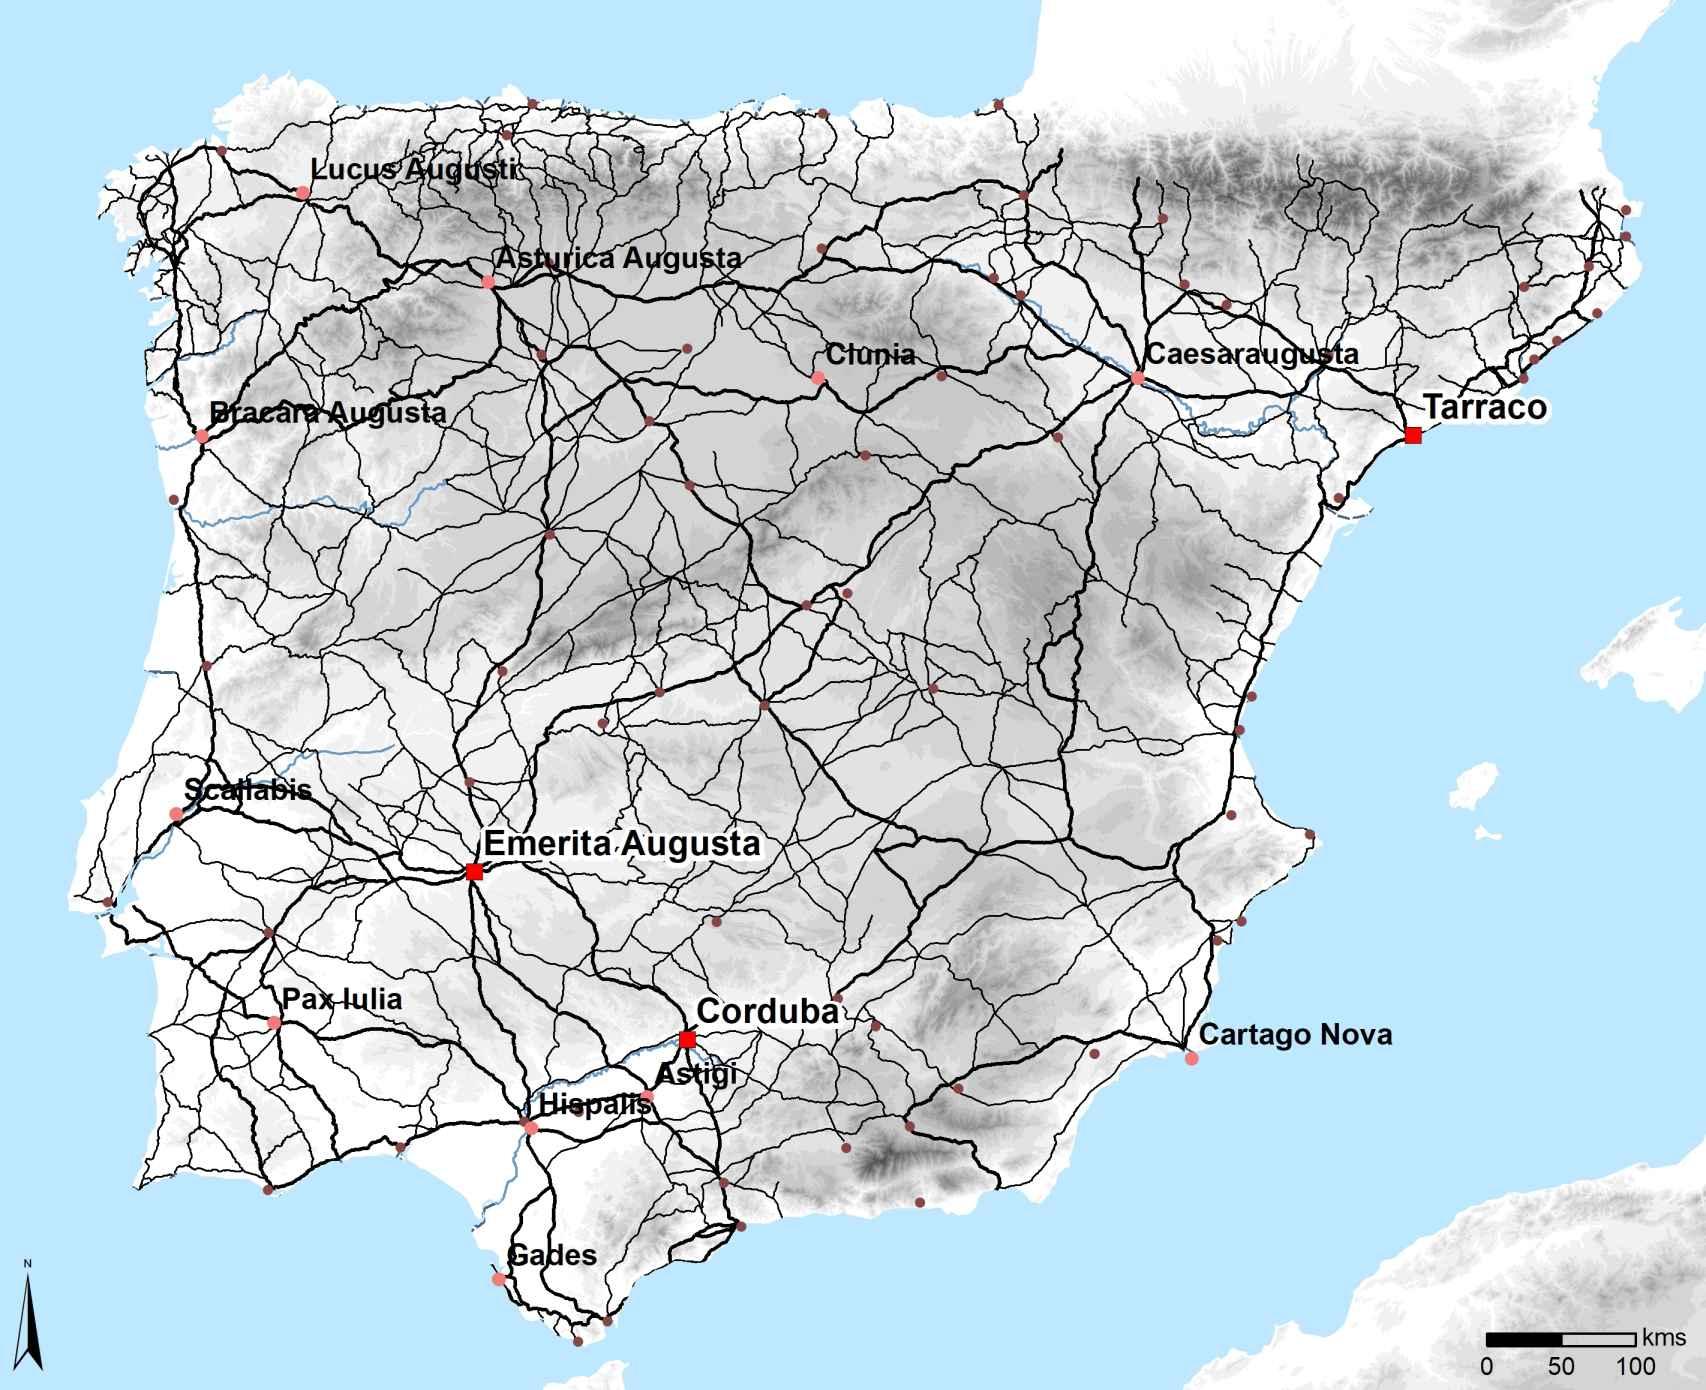 Mapa de las calzadas romanas en Hispania.